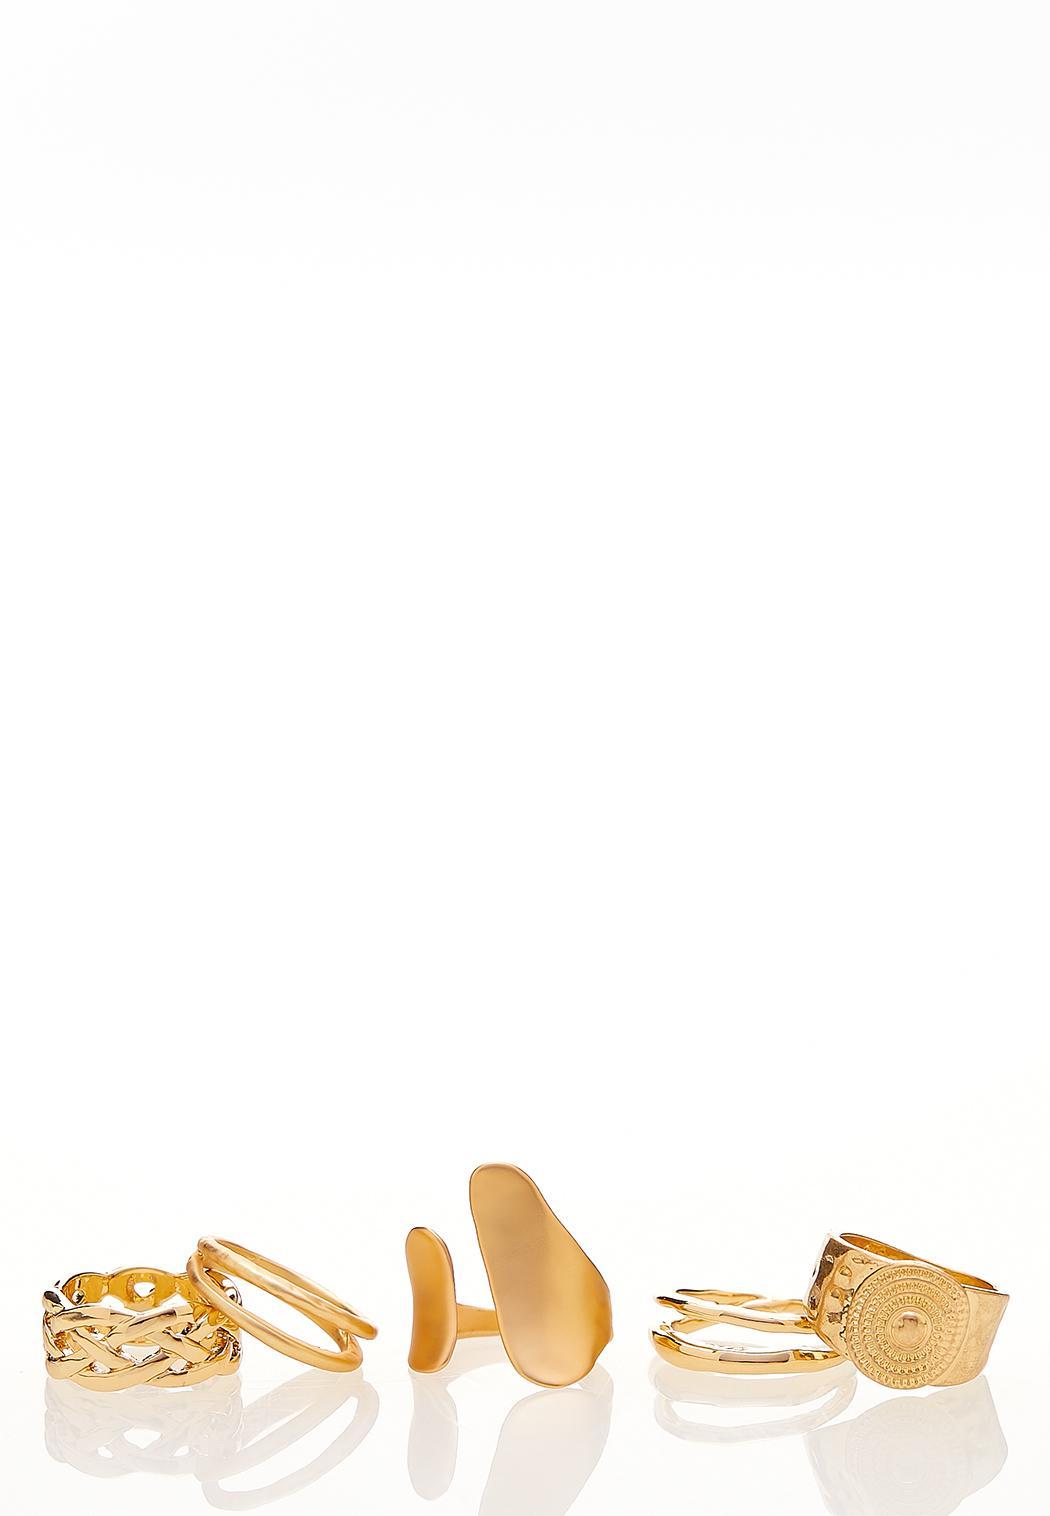 Brushed Gold Multi Ring Set